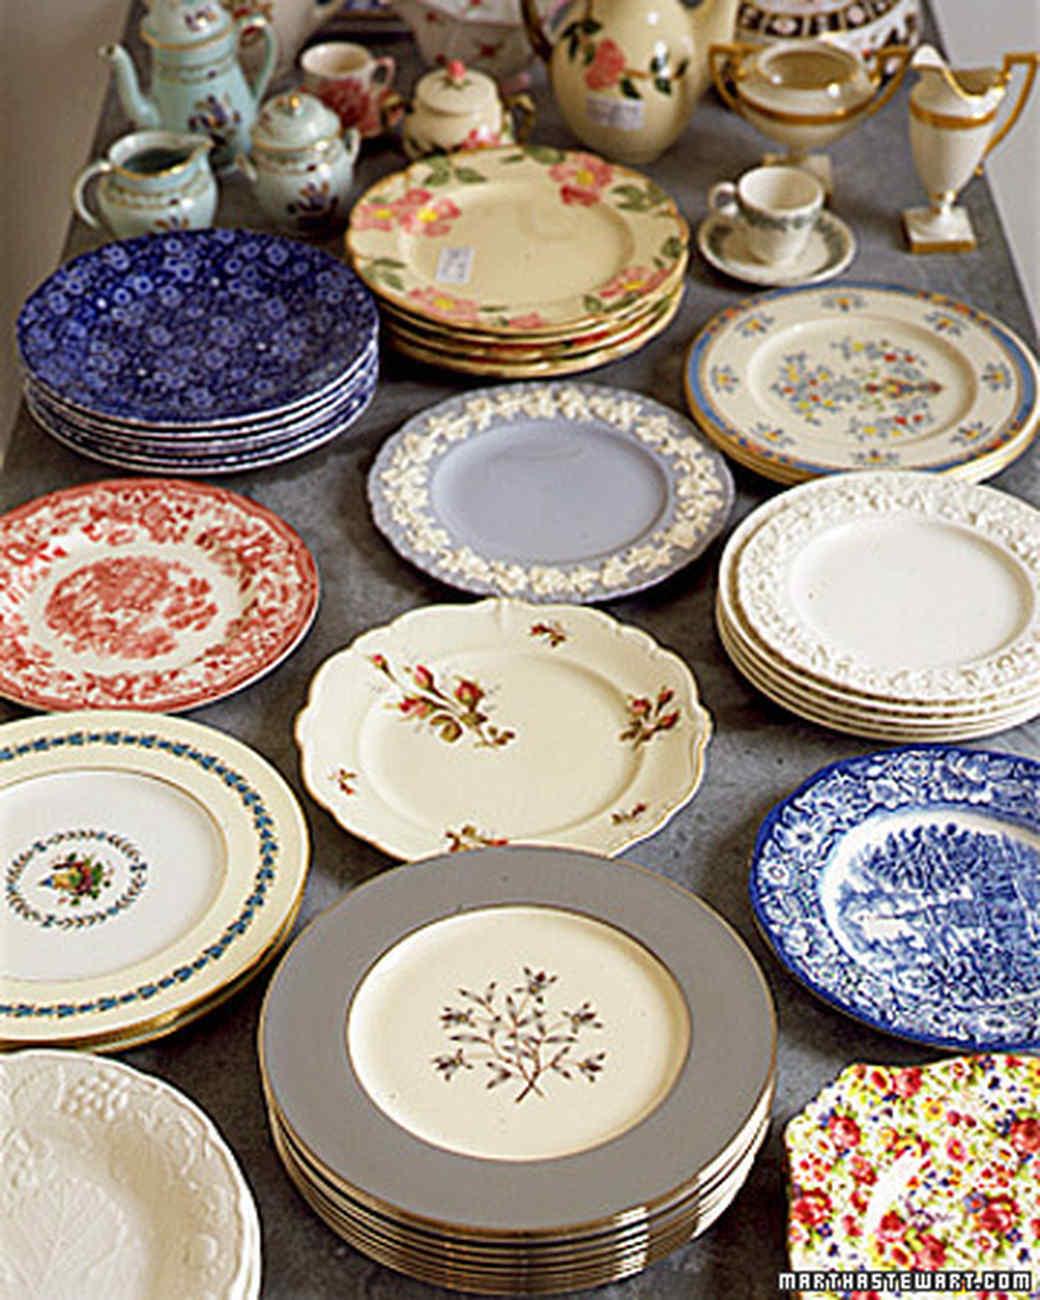 la_0599_plates.jpg